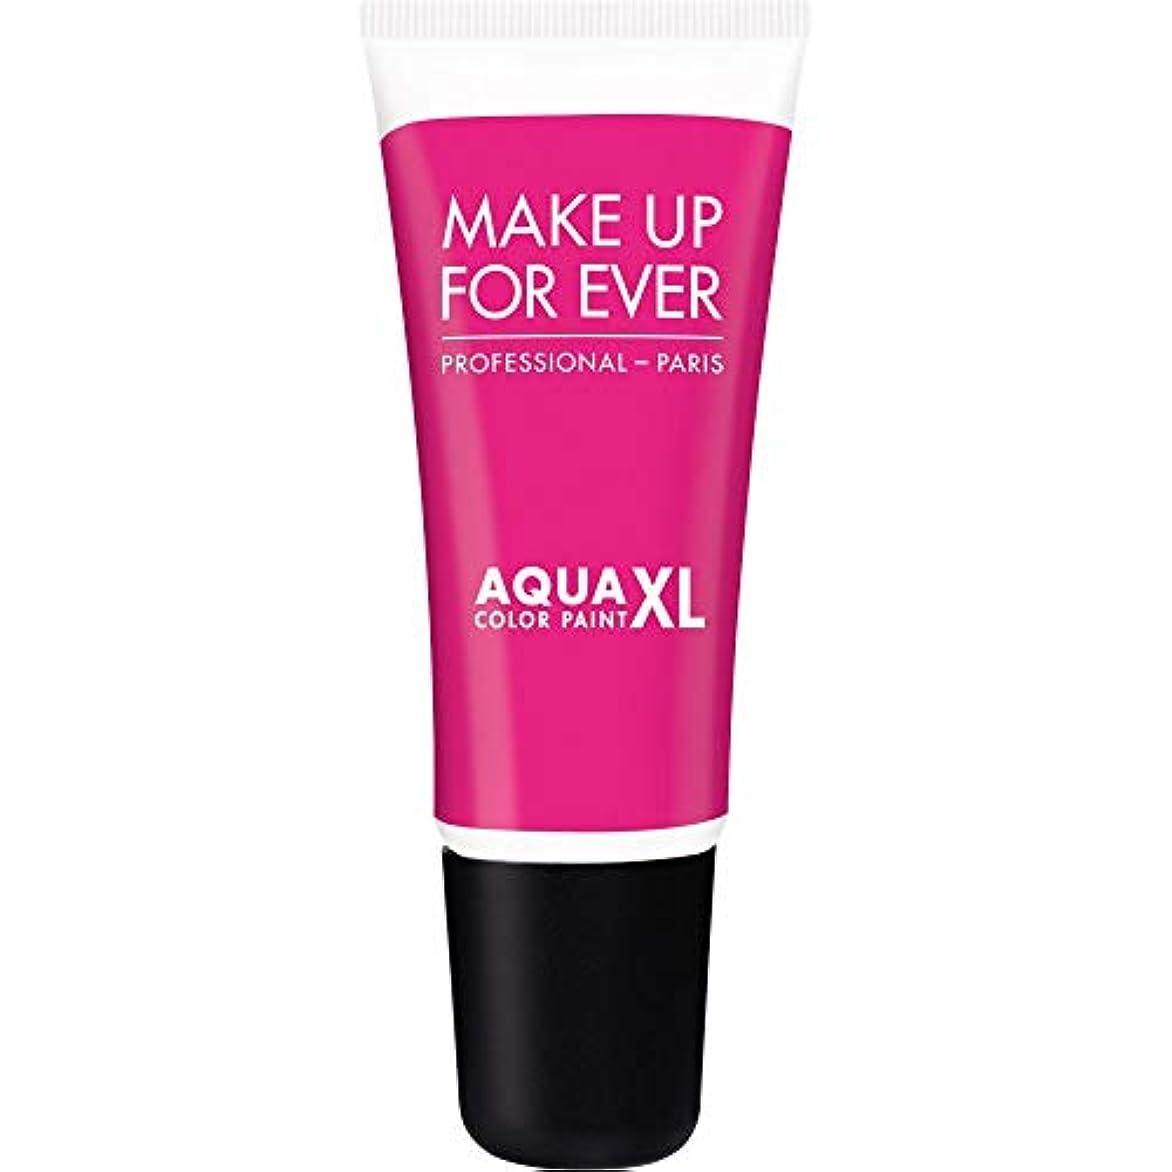 排除する不規則性構造[MAKE UP FOR EVER] 防水アイシャドウ4.8ミリリットルのM-82 - - マットFuschia史上アクアXl色の塗料を補います - MAKE UP FOR EVER Aqua XL Color Paint...